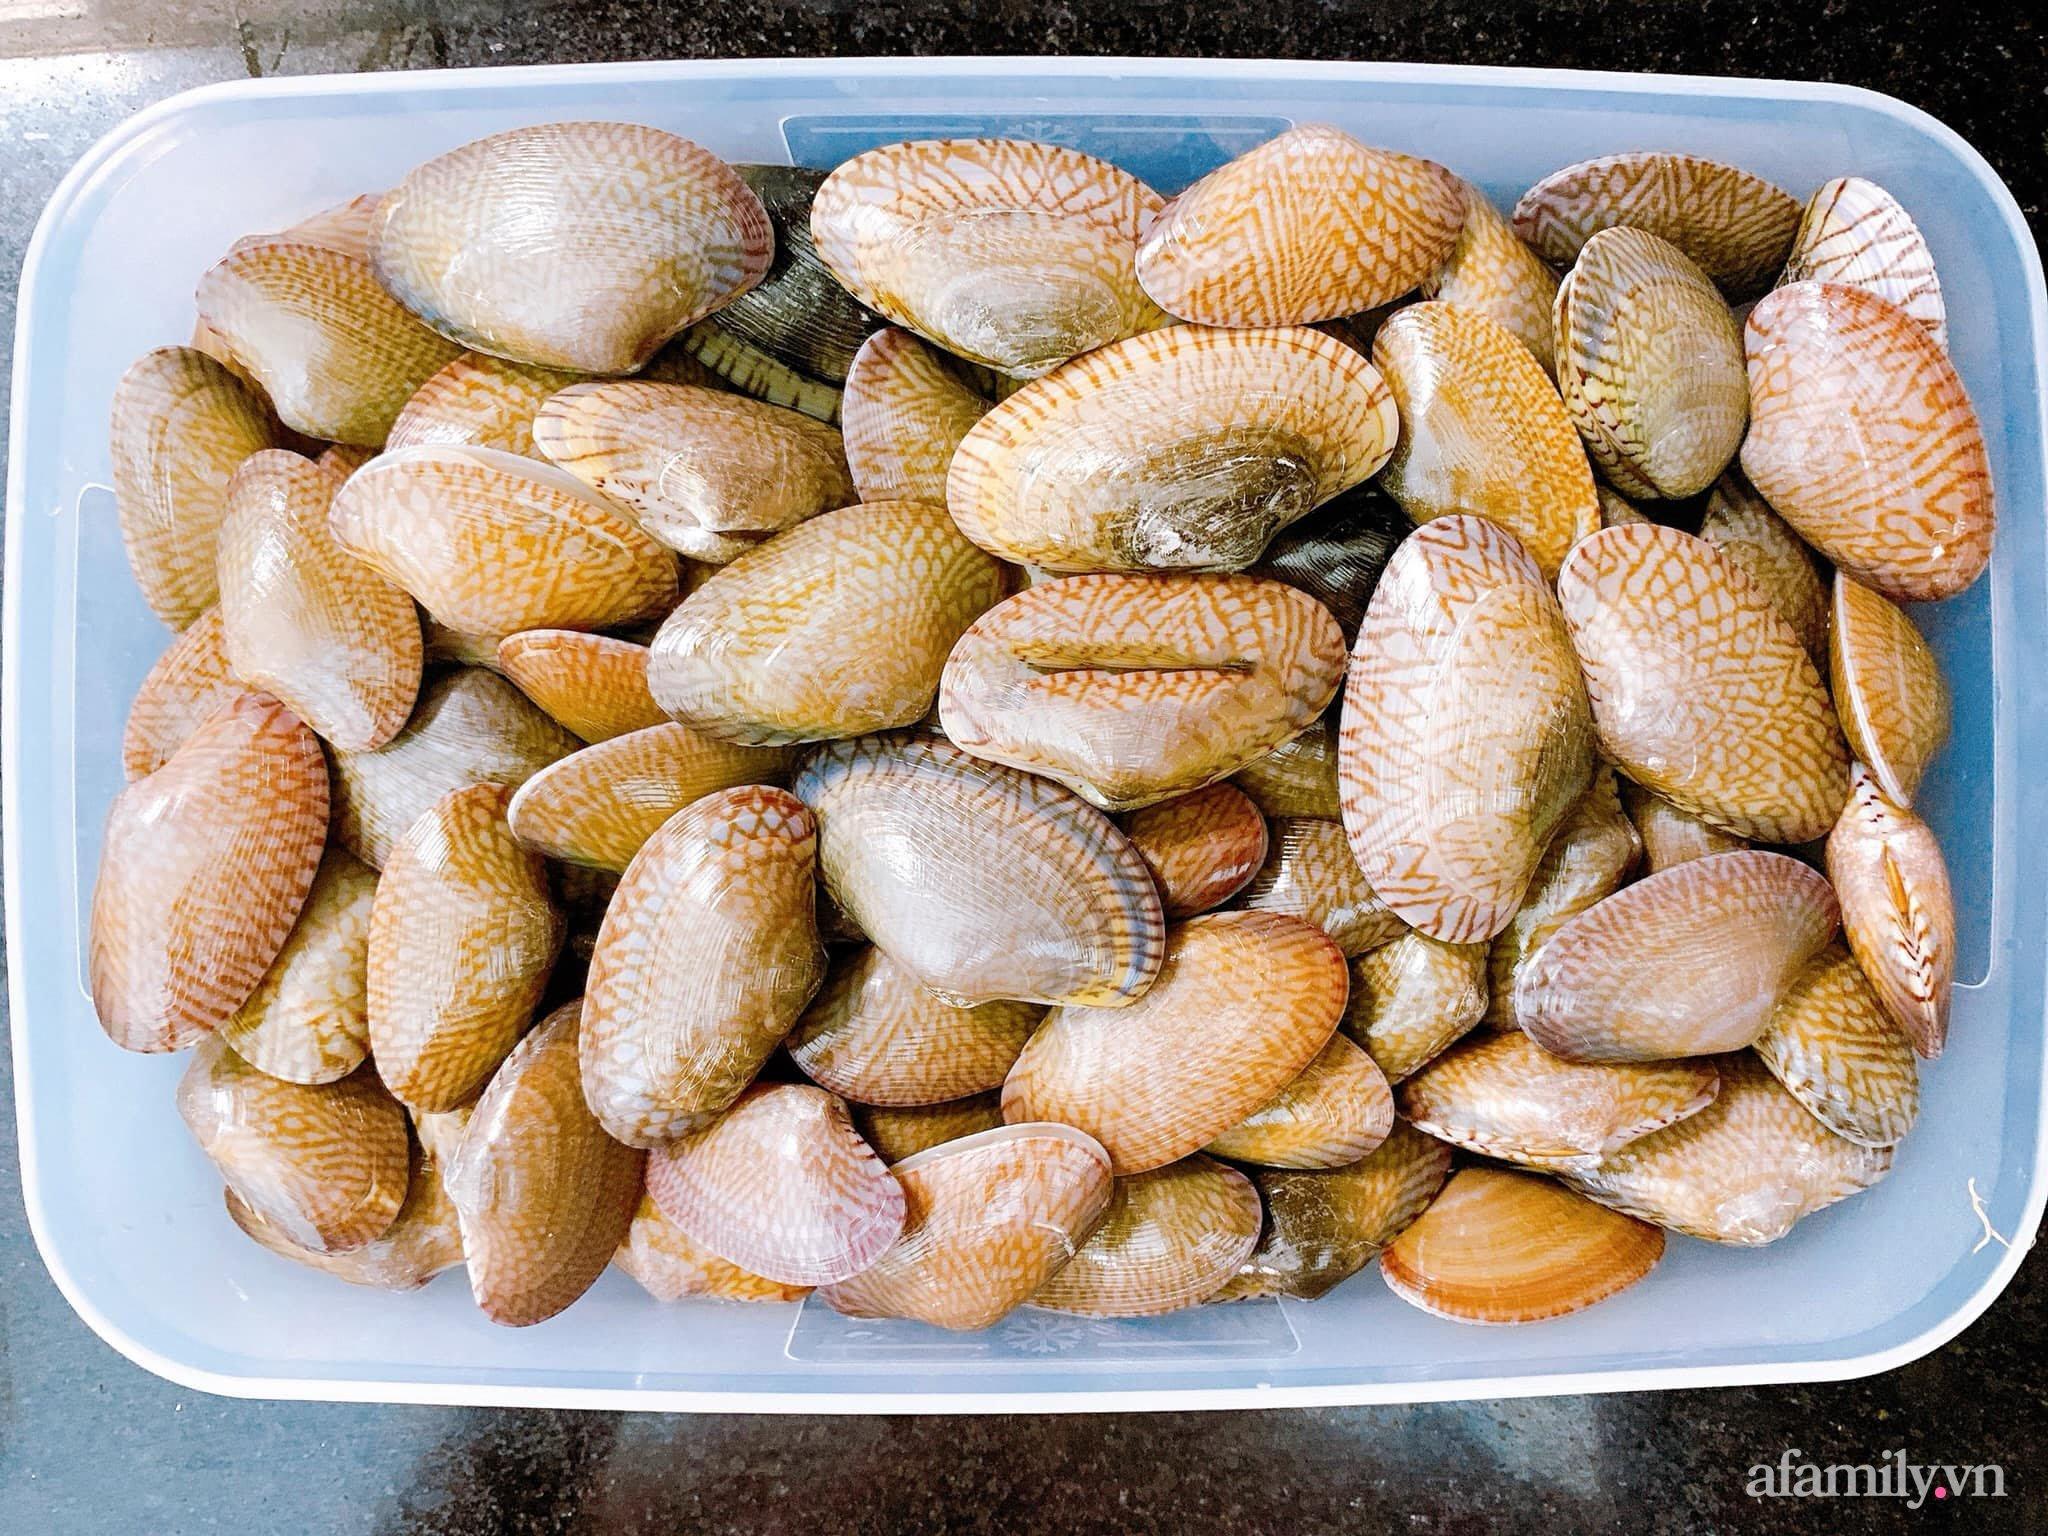 Bà nội trợ ở Quảng Ninh tiết lộ 9 bí kíp chọn mua thực phẩm tươi ngon cho chị em-13